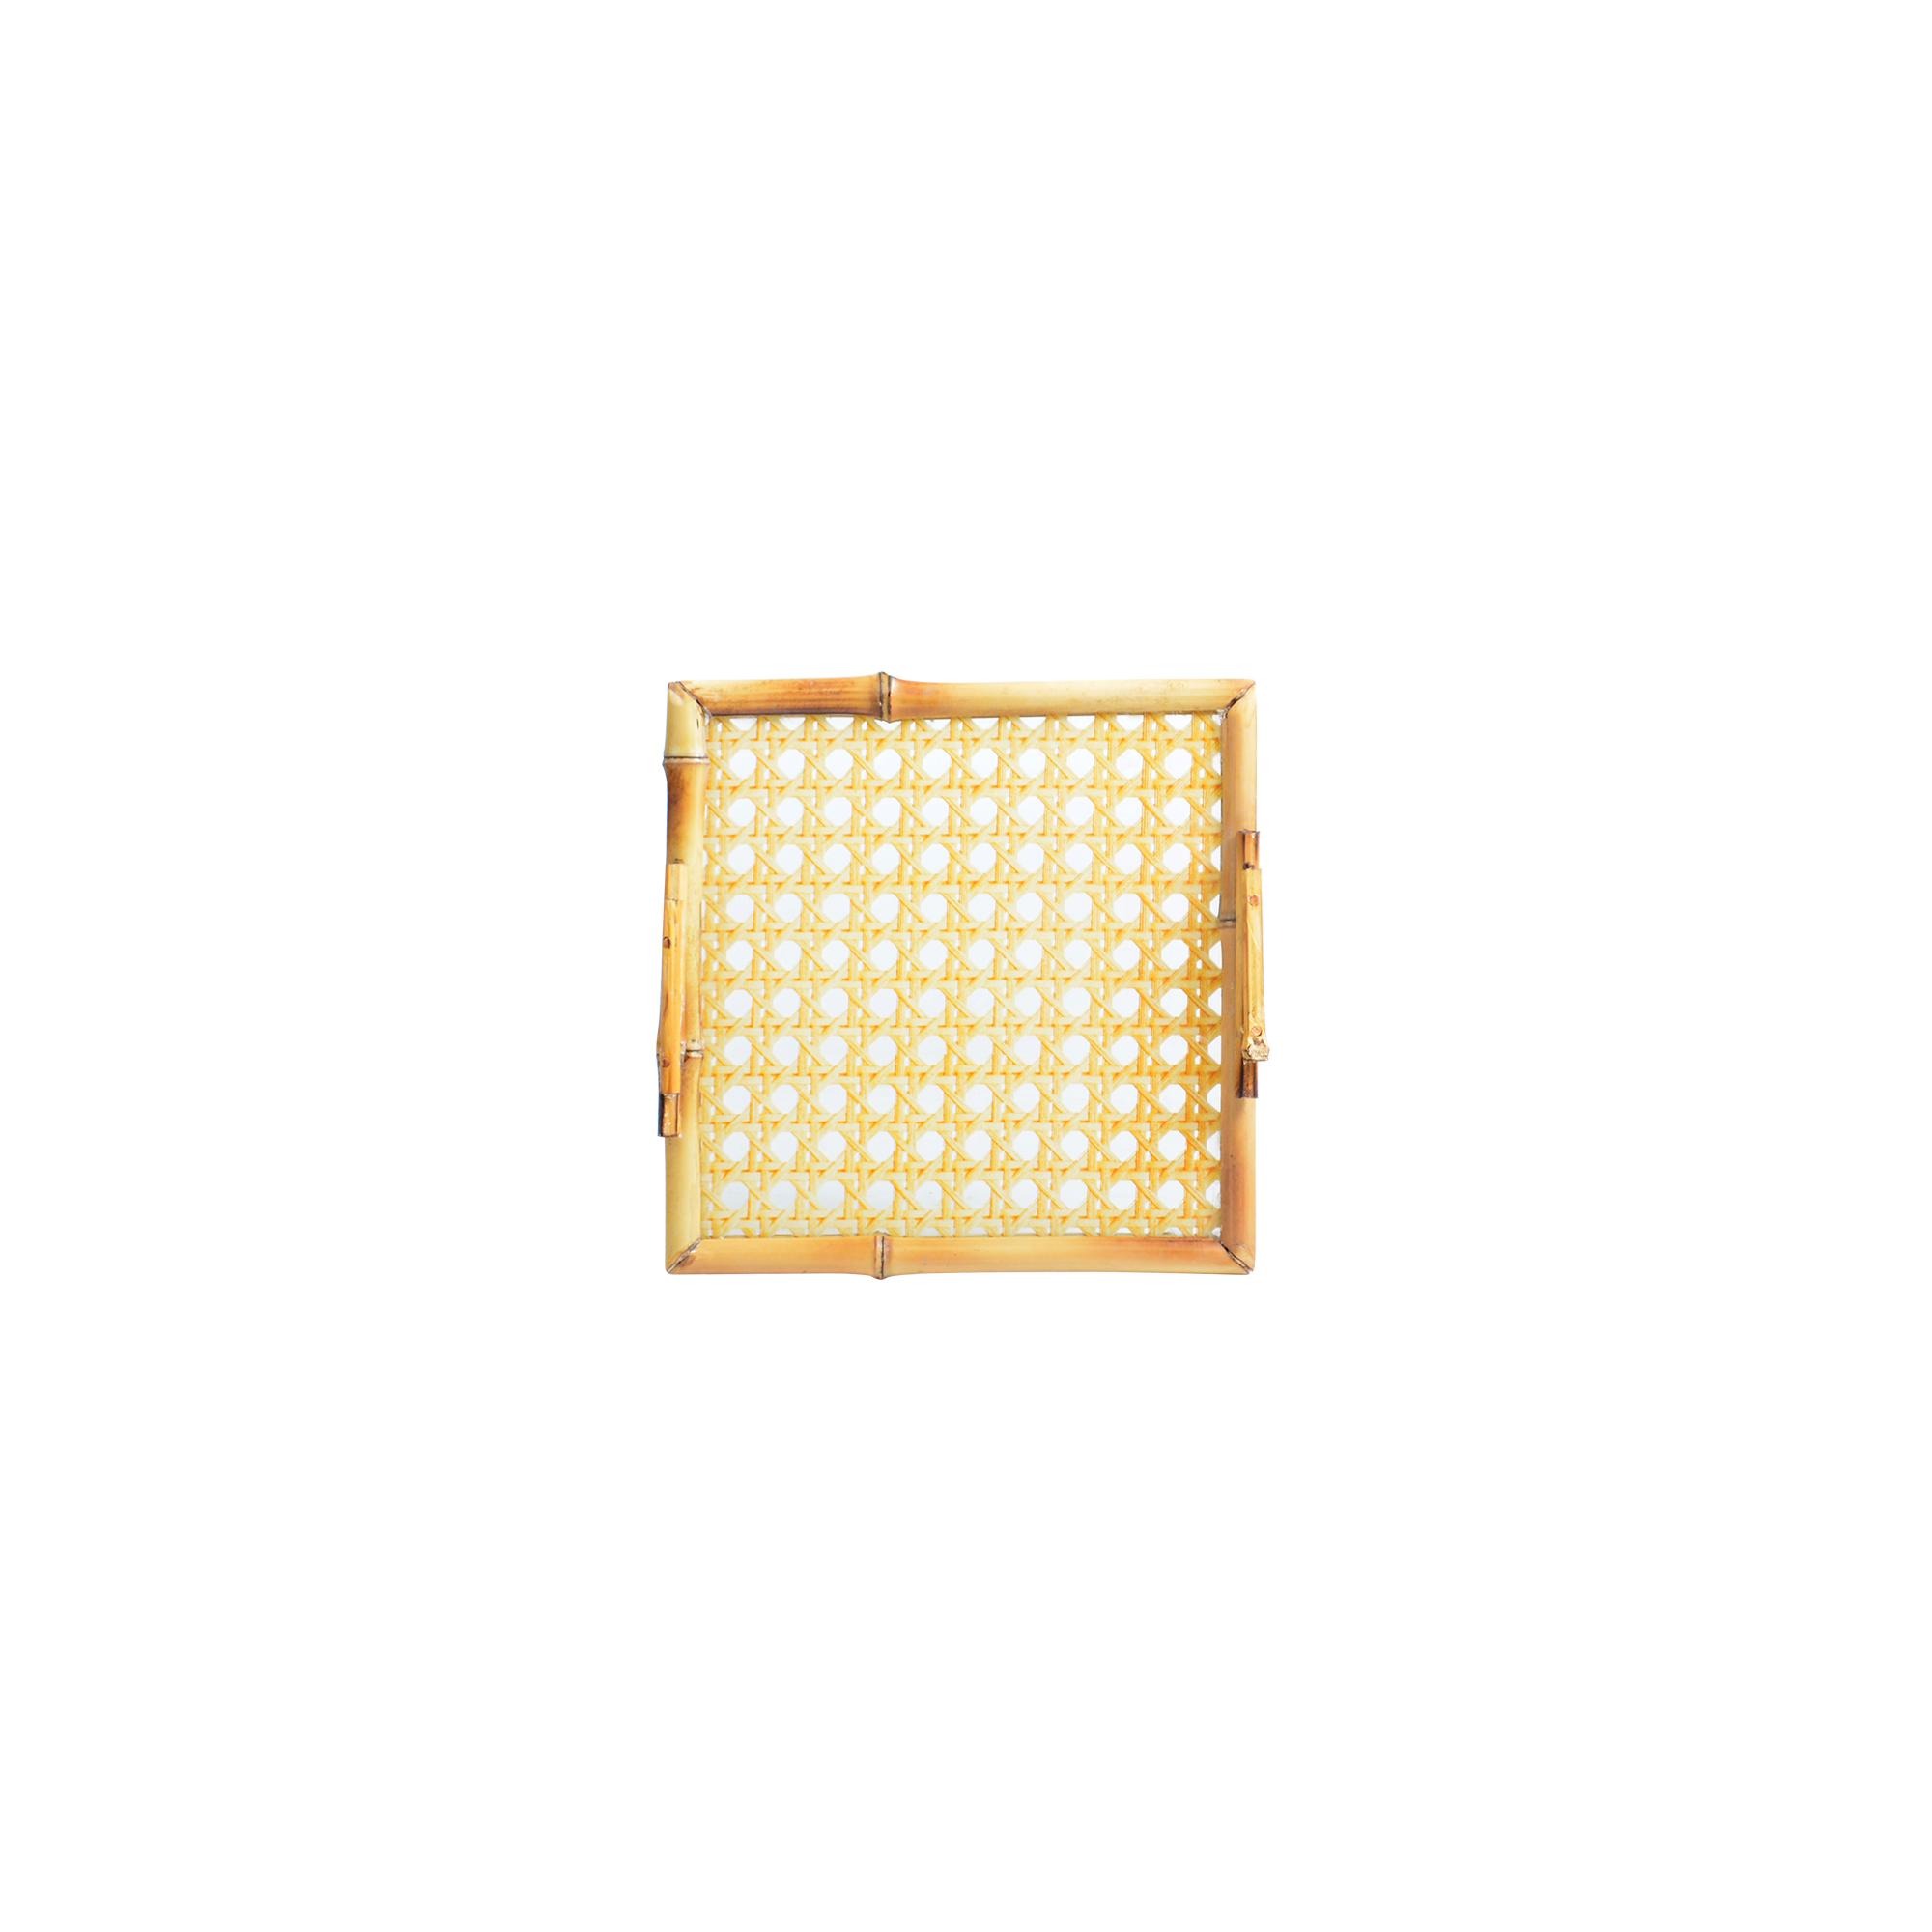 Bandeja de bambu com vidro quadrada P palha indiana